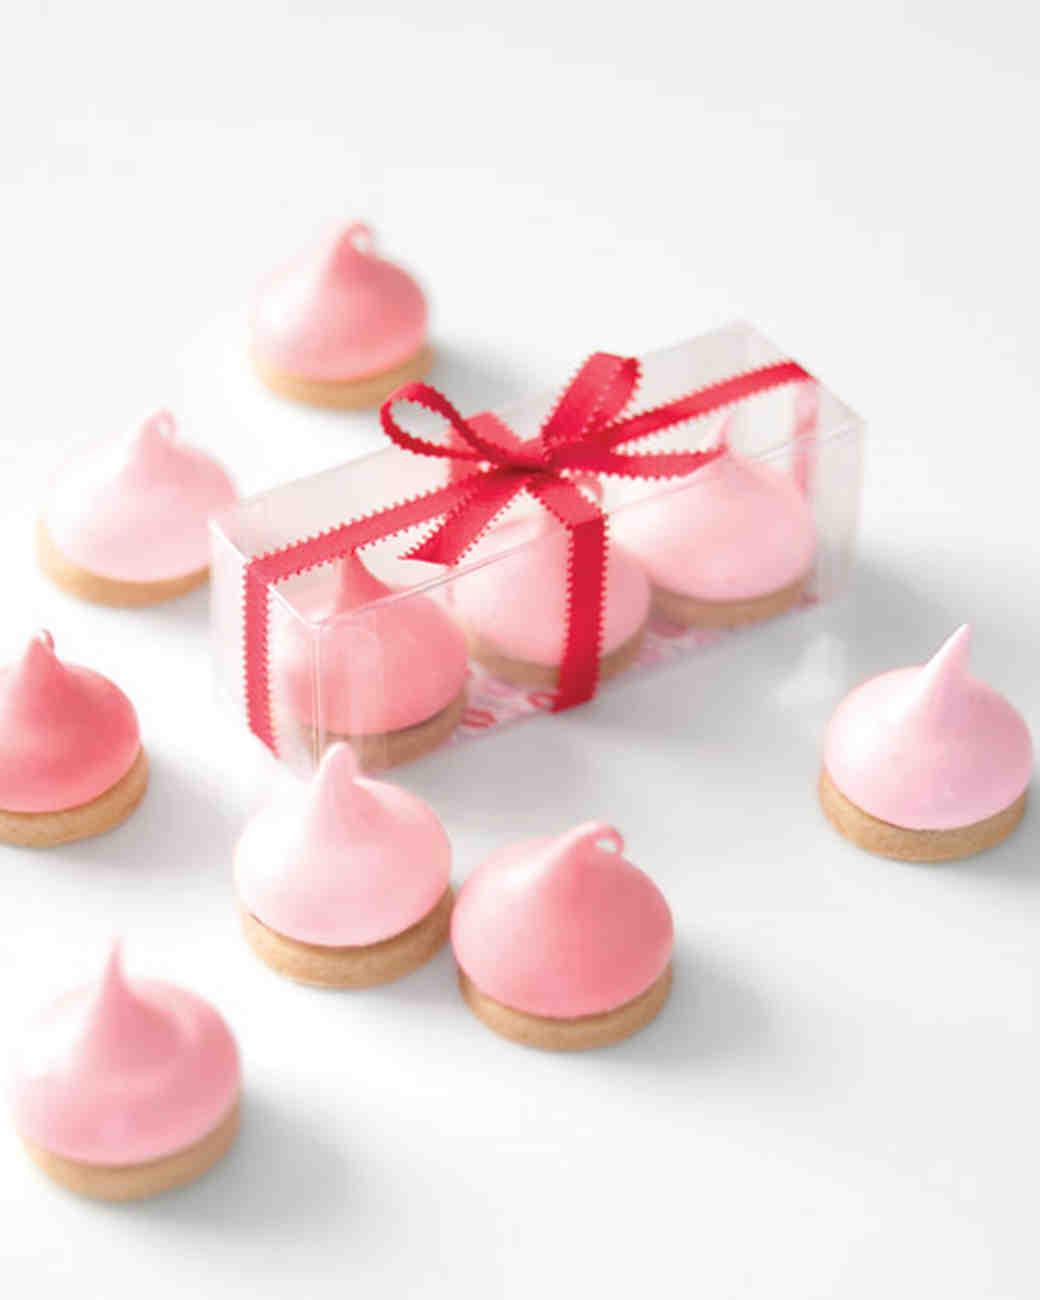 Marshmallow Kisses Recipe